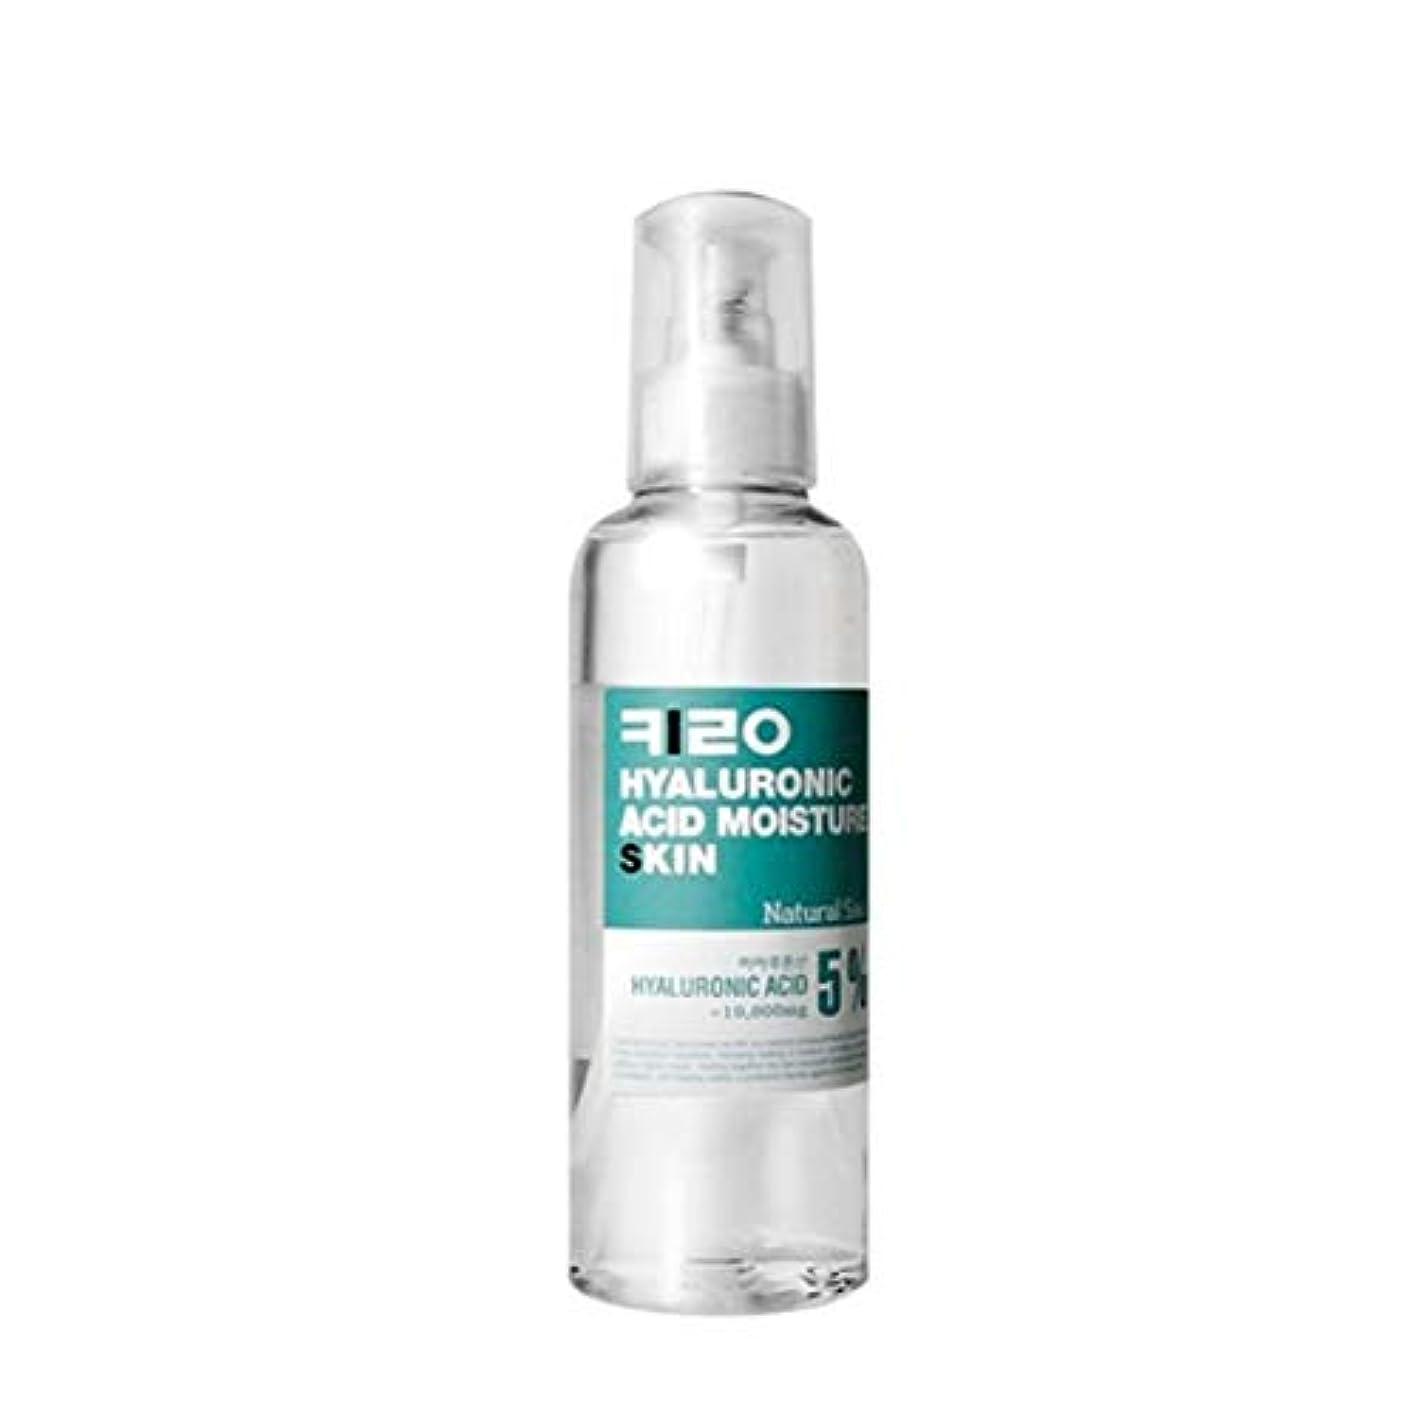 非互換隠された豚ナチュラルSooキーロヒアルロン酸モイスチャースキン200g韓国コスメ、Natural Soo Hyaluronic Acid Moisture Skin 200g Korean Cosmetics [並行輸入品]